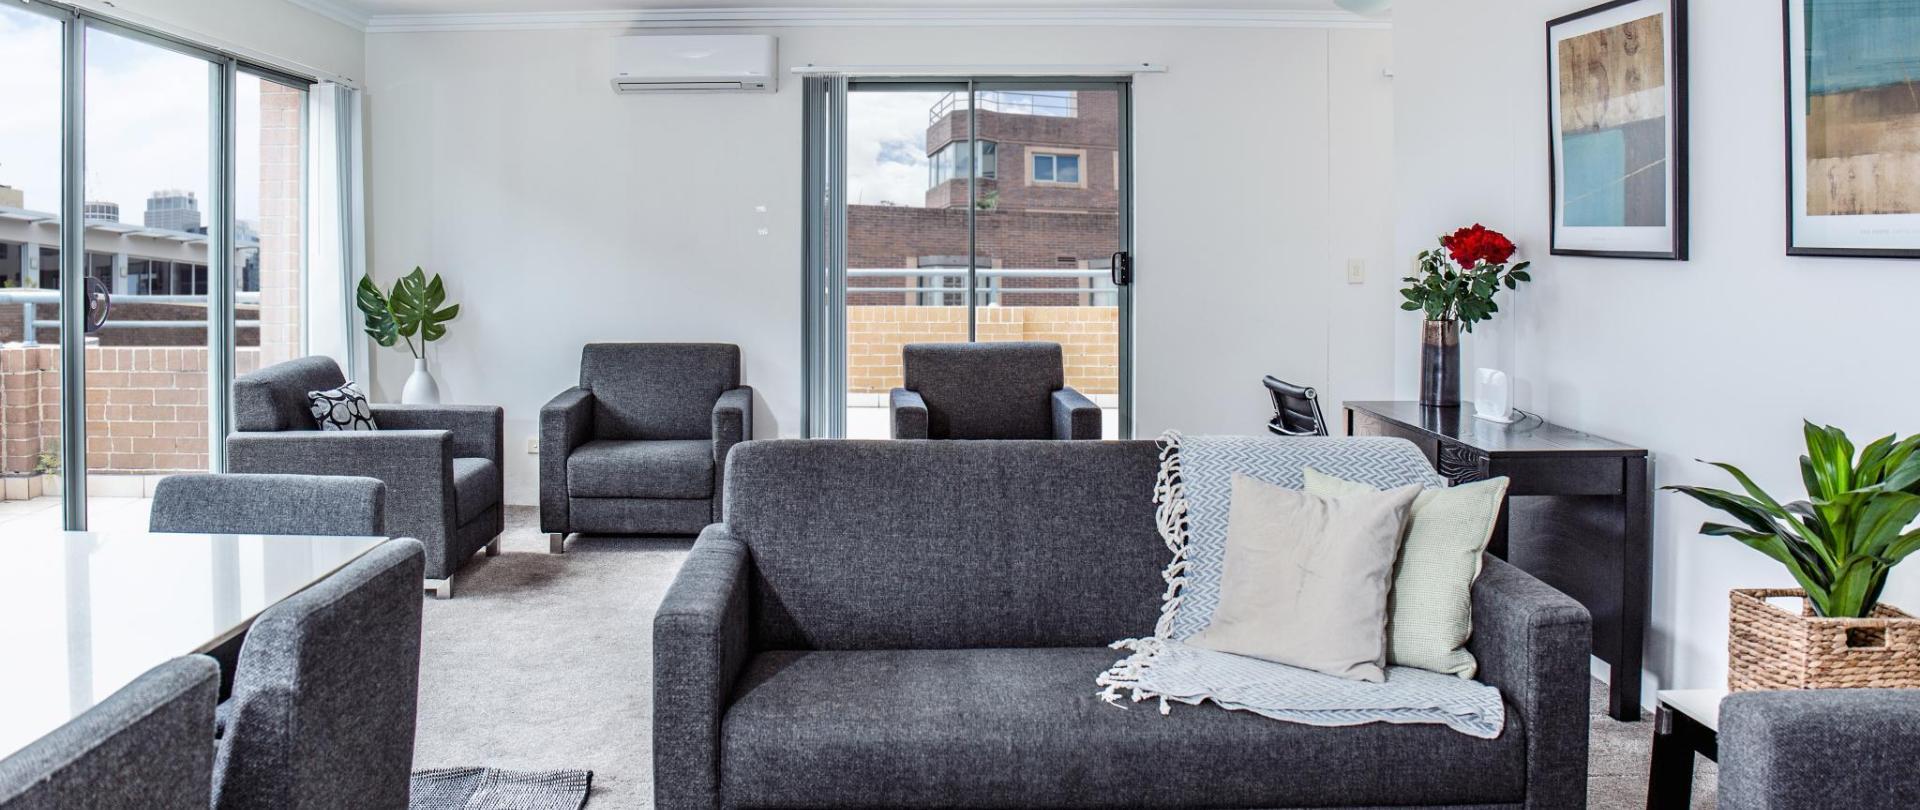 Apartemen DD di Darling Harbour